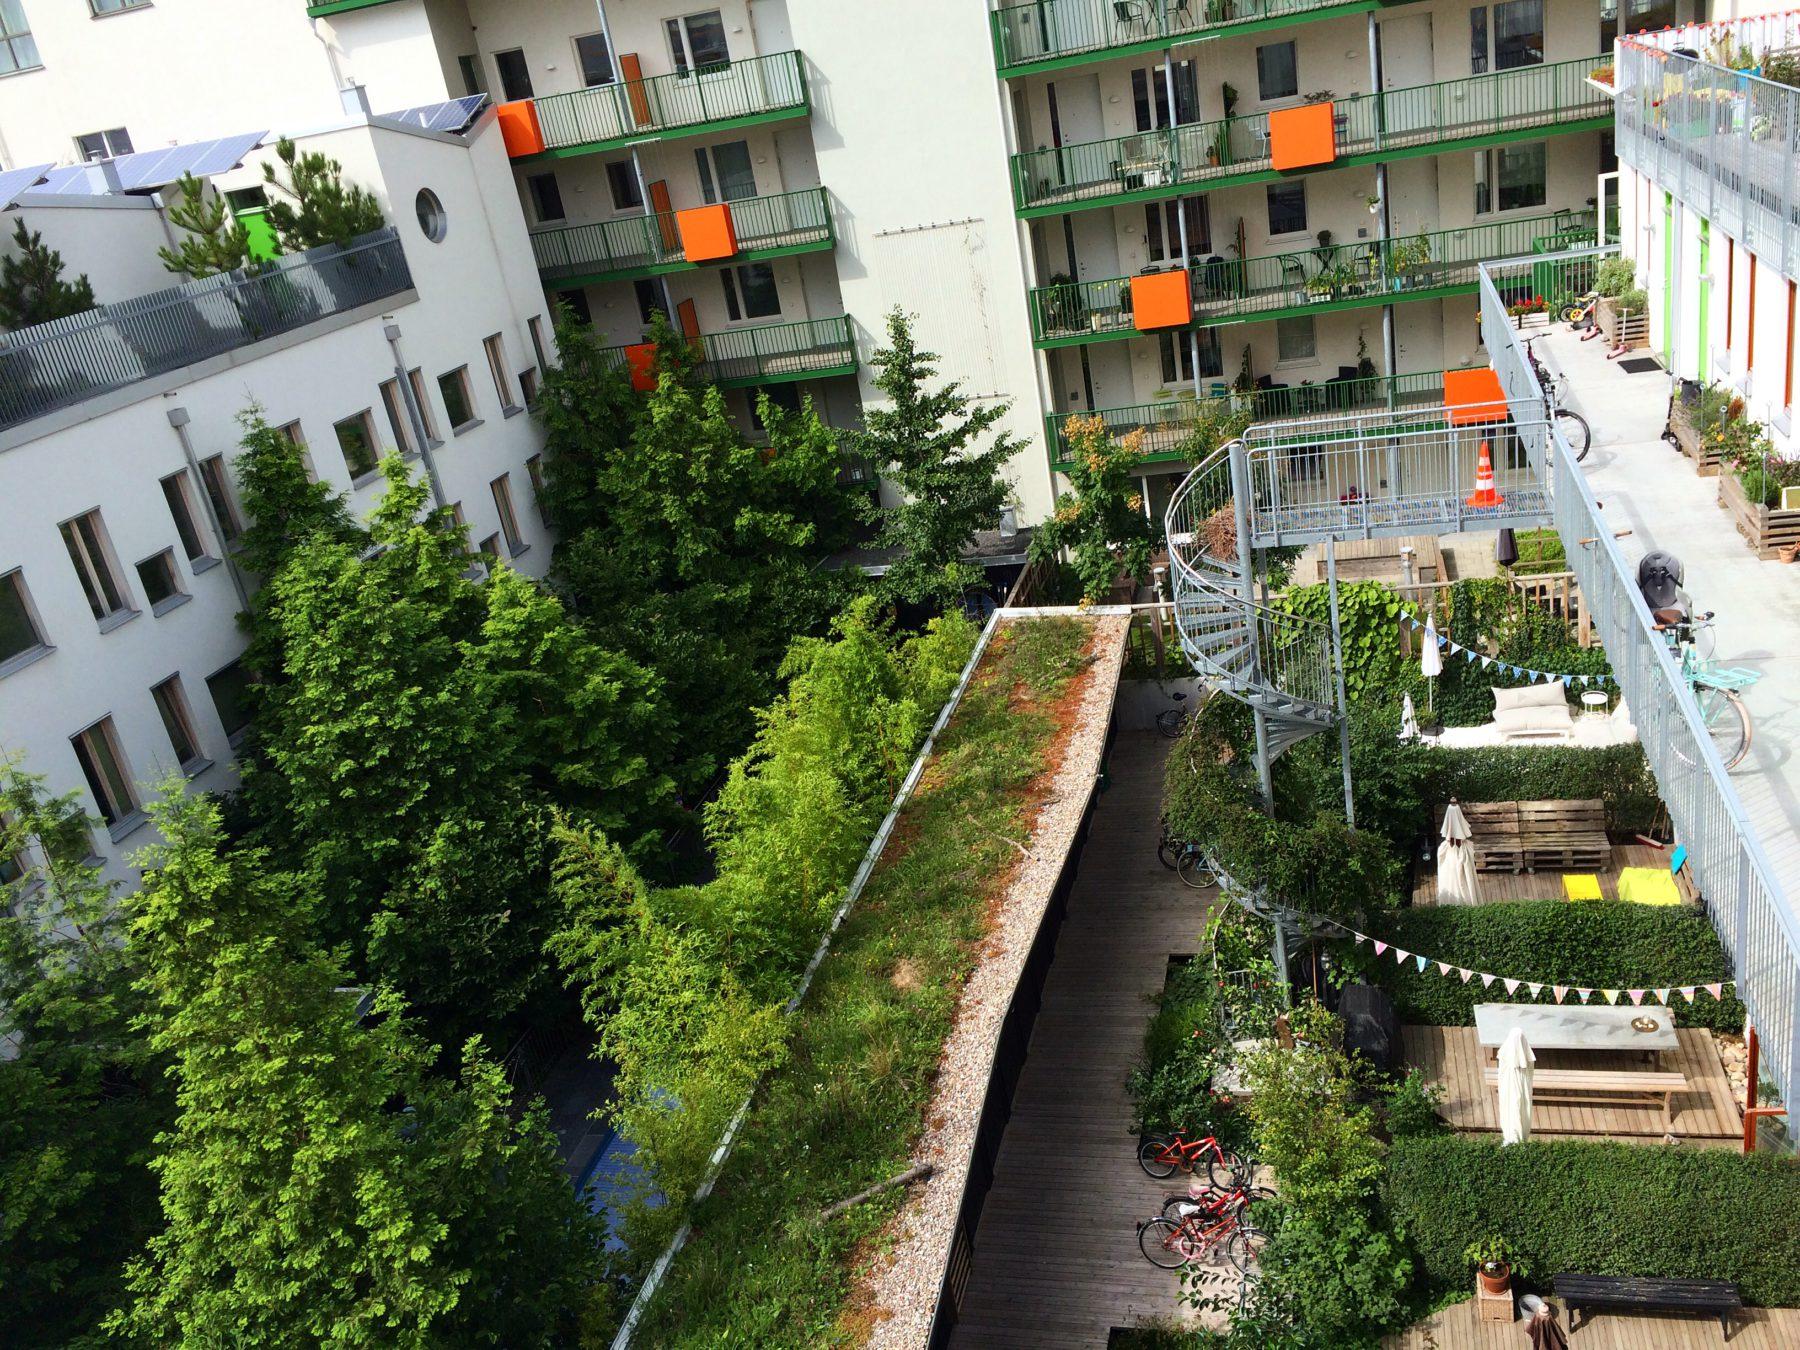 Några av Västra hamnens gröna innergårdar